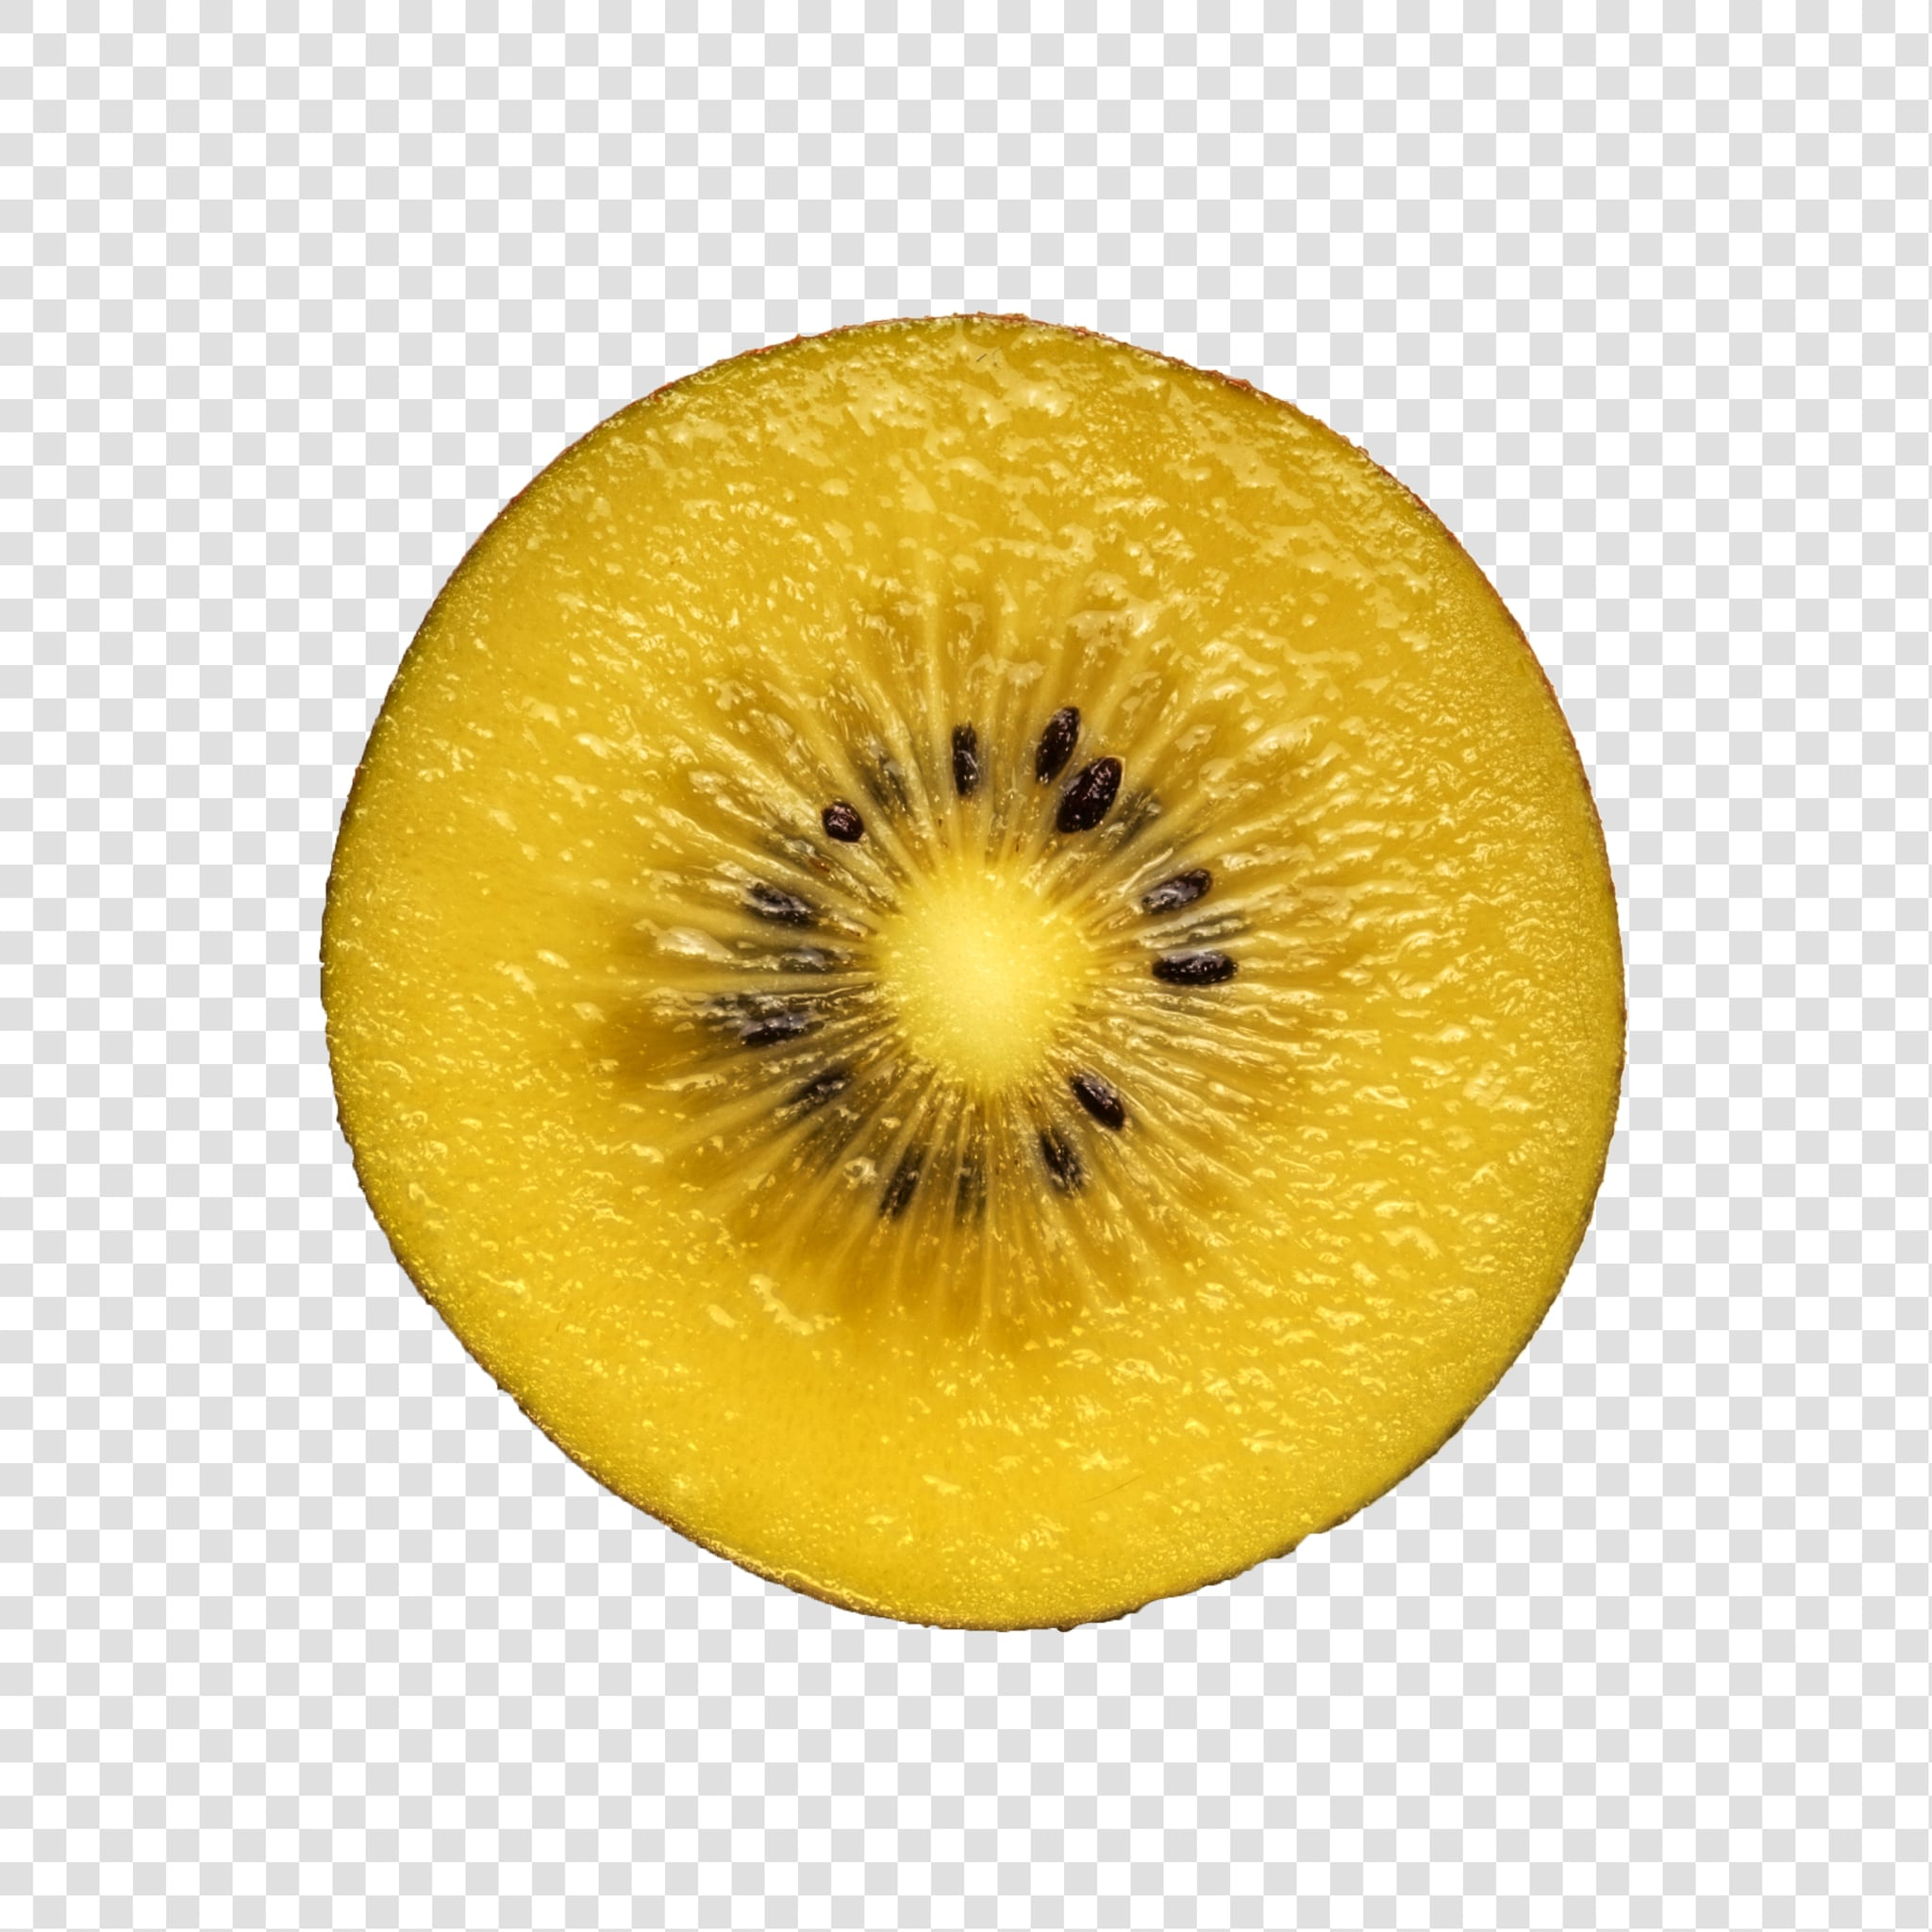 Kiwi PSD isolated image